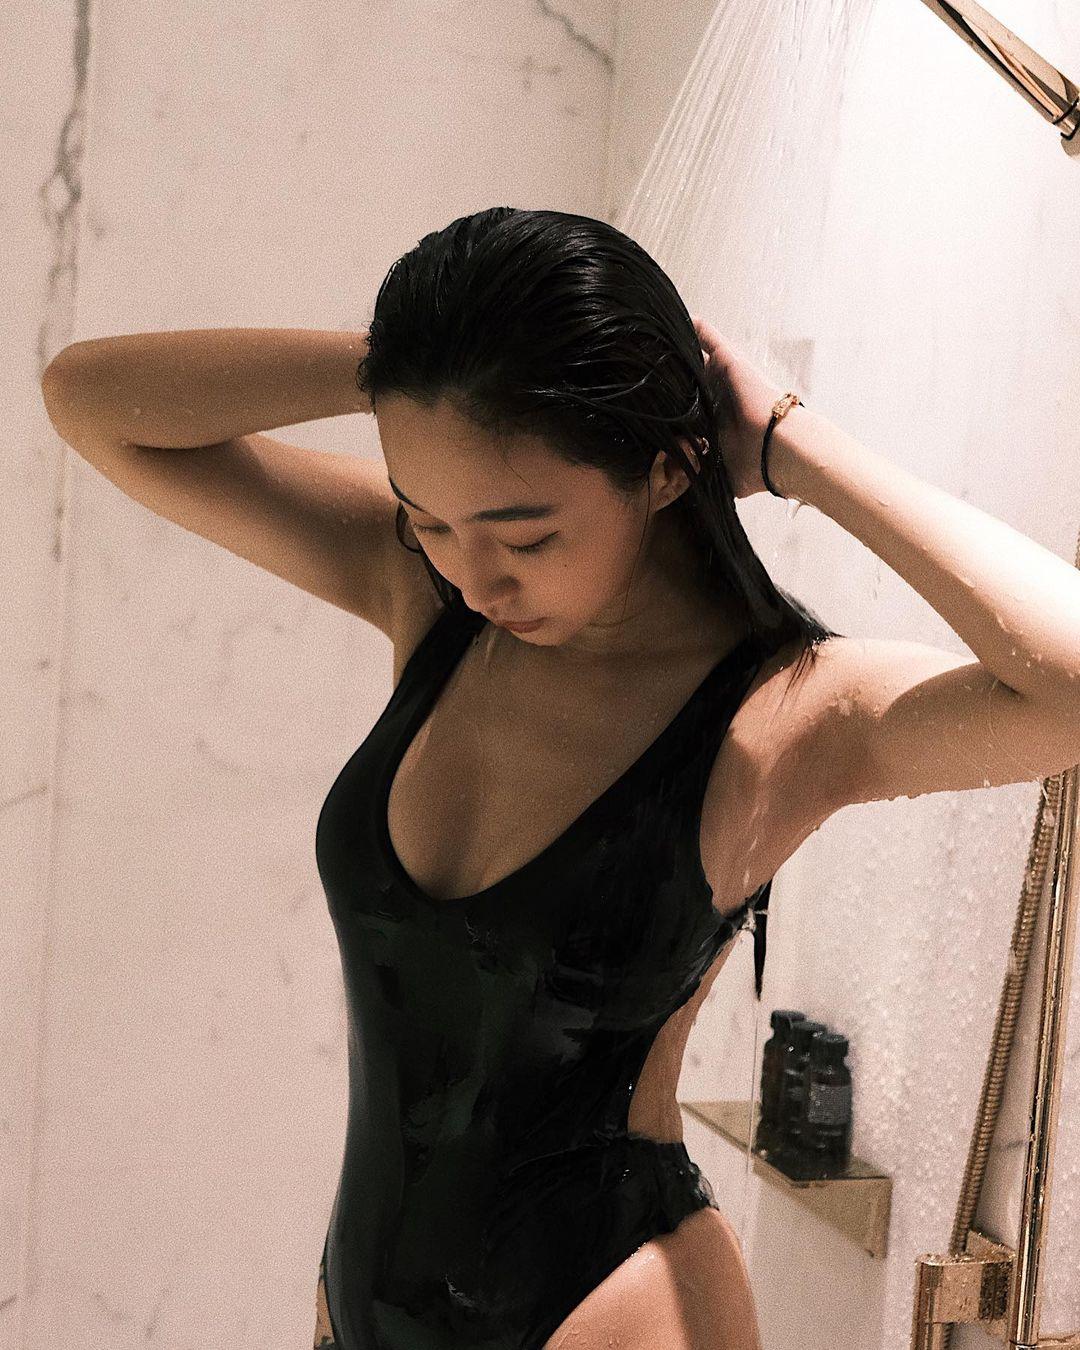 DJラク・イー「美尻が水を弾いて…」ハイレグ姿でのシャワーシーンを解禁【画像5枚】の画像001